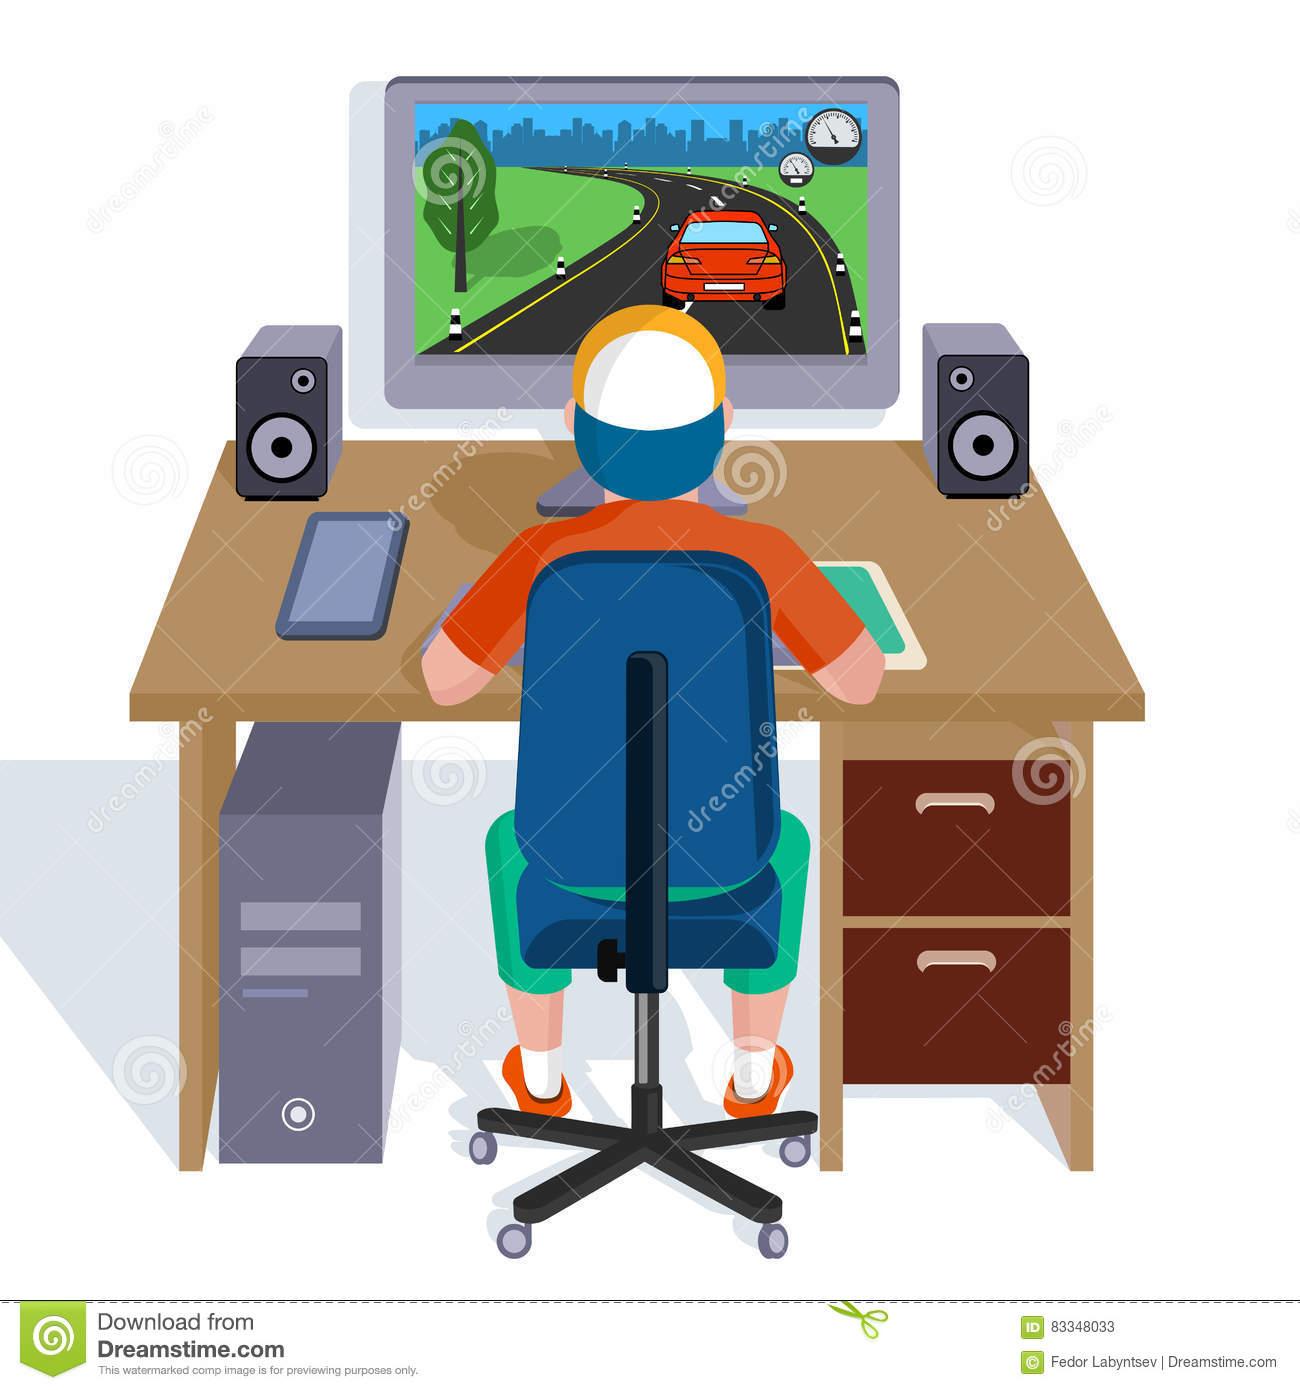 Jeux Vidéo De Jeux D'enfant Sur L'ordinateur Illustration De tout Jeux Ordinateur Enfant